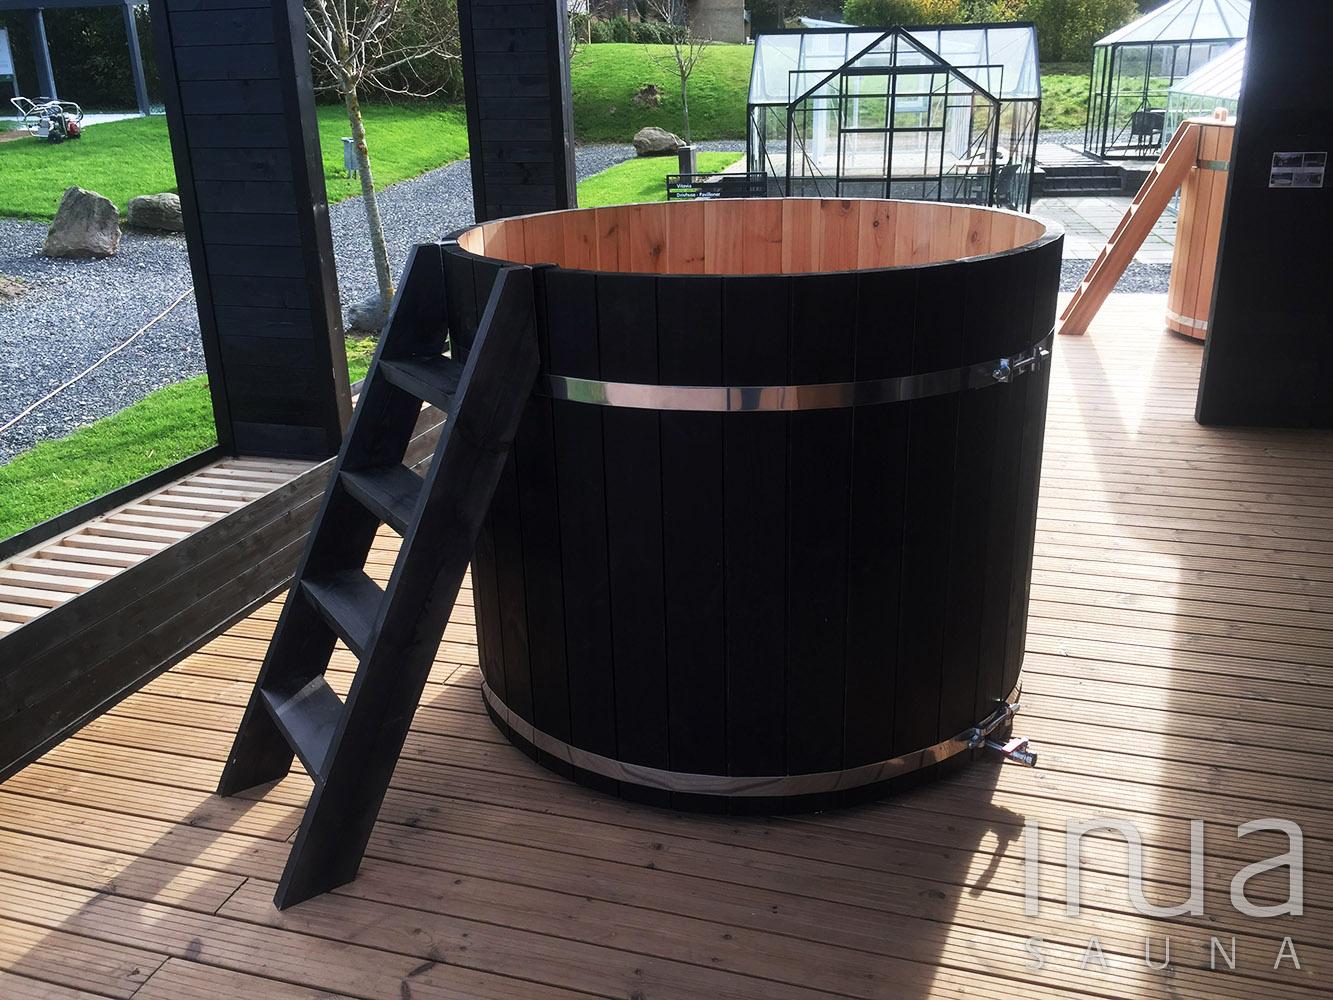 Feketére festett borovi fenyőből készült 152cm átmérőjű fürdődézsa, külső kályhával, gravitációs vízkeringetéssel. | Inua Szauna Kft.